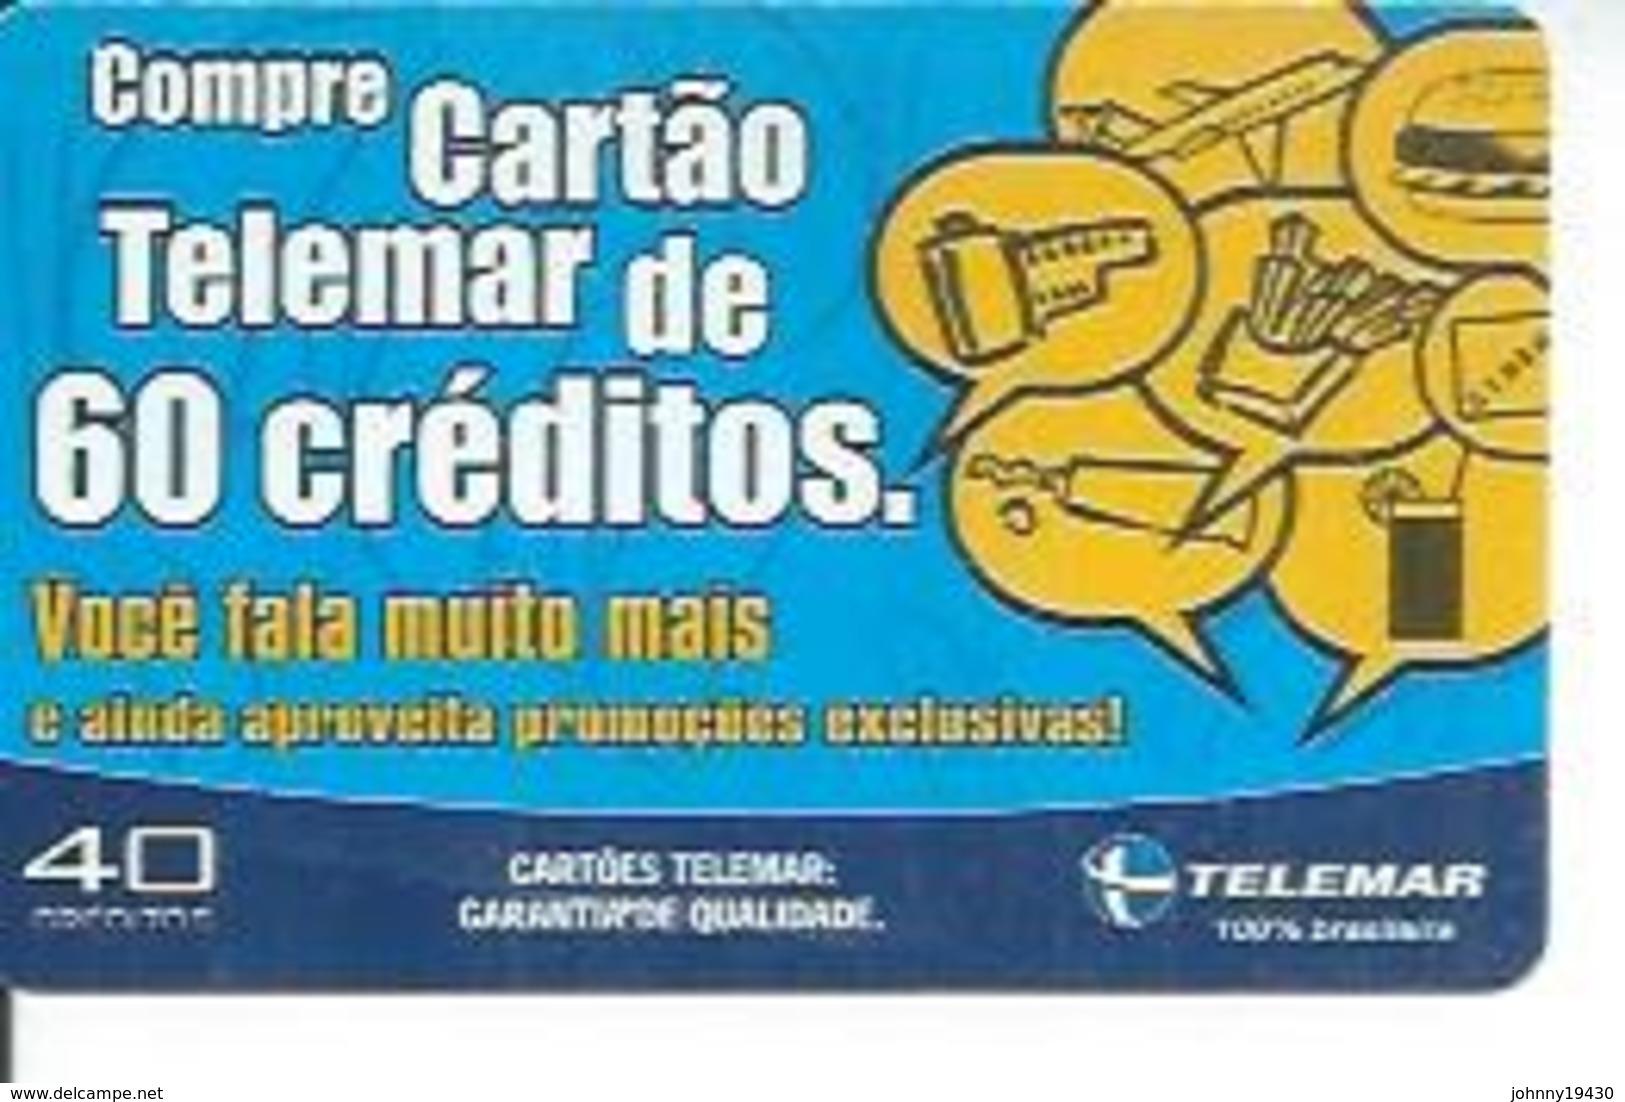 TELEMAR 40 - COMPRE CARTAO  TELEMAR DE 60 CREDITOS   - BRESIL 02/2003 - Brésil